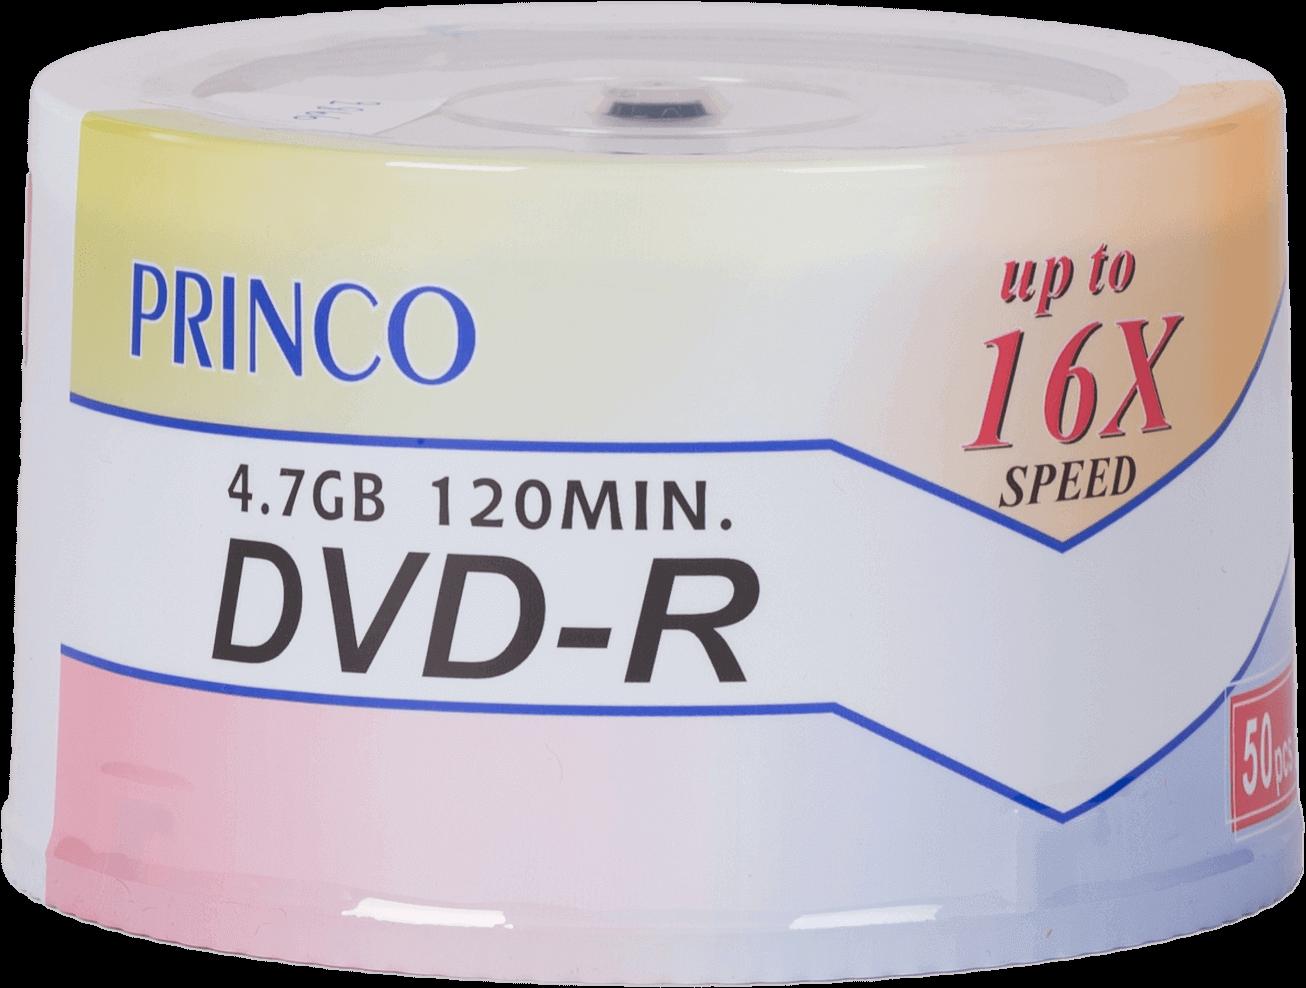 DVD-R ชนิดหลอด Printable PRINCO 16x 4.7GB/120MIN (1x50)